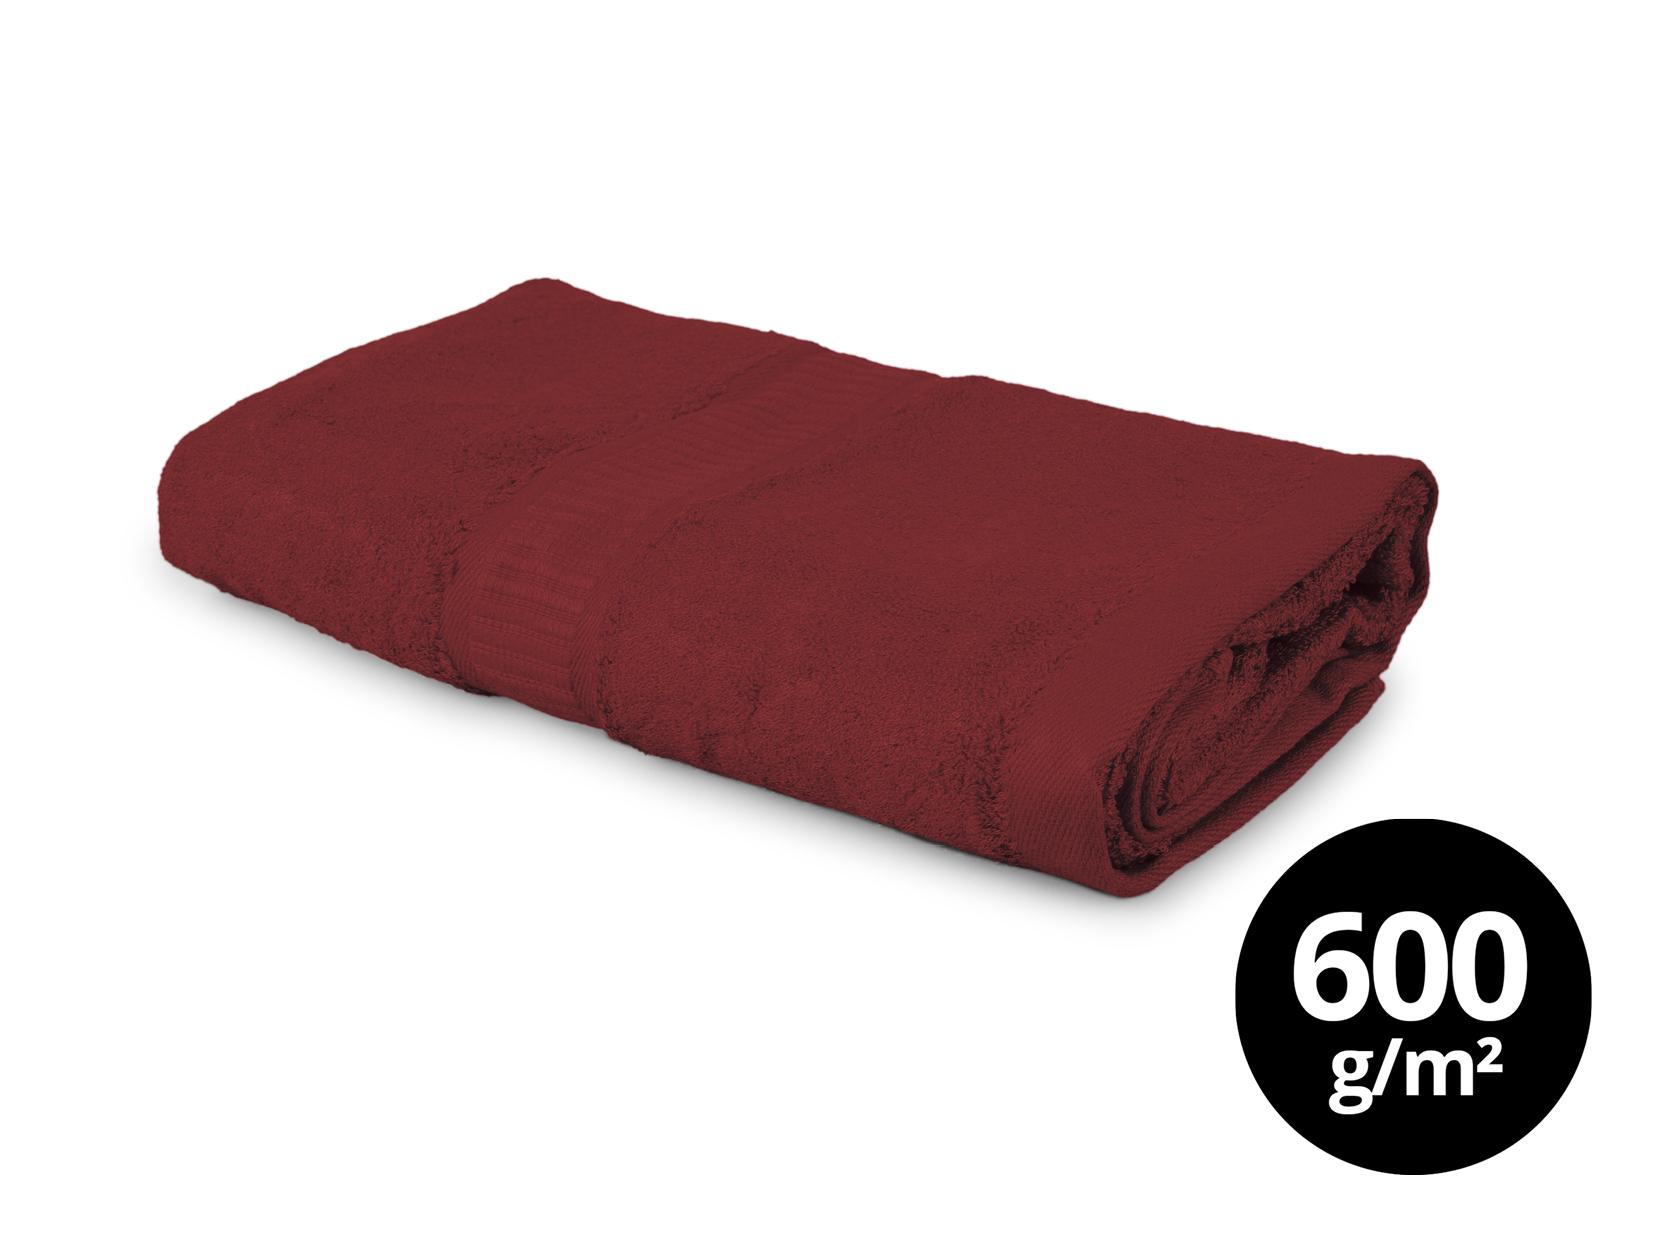 BAMBOO velký ručník  s elegantní bordurou čokoládový